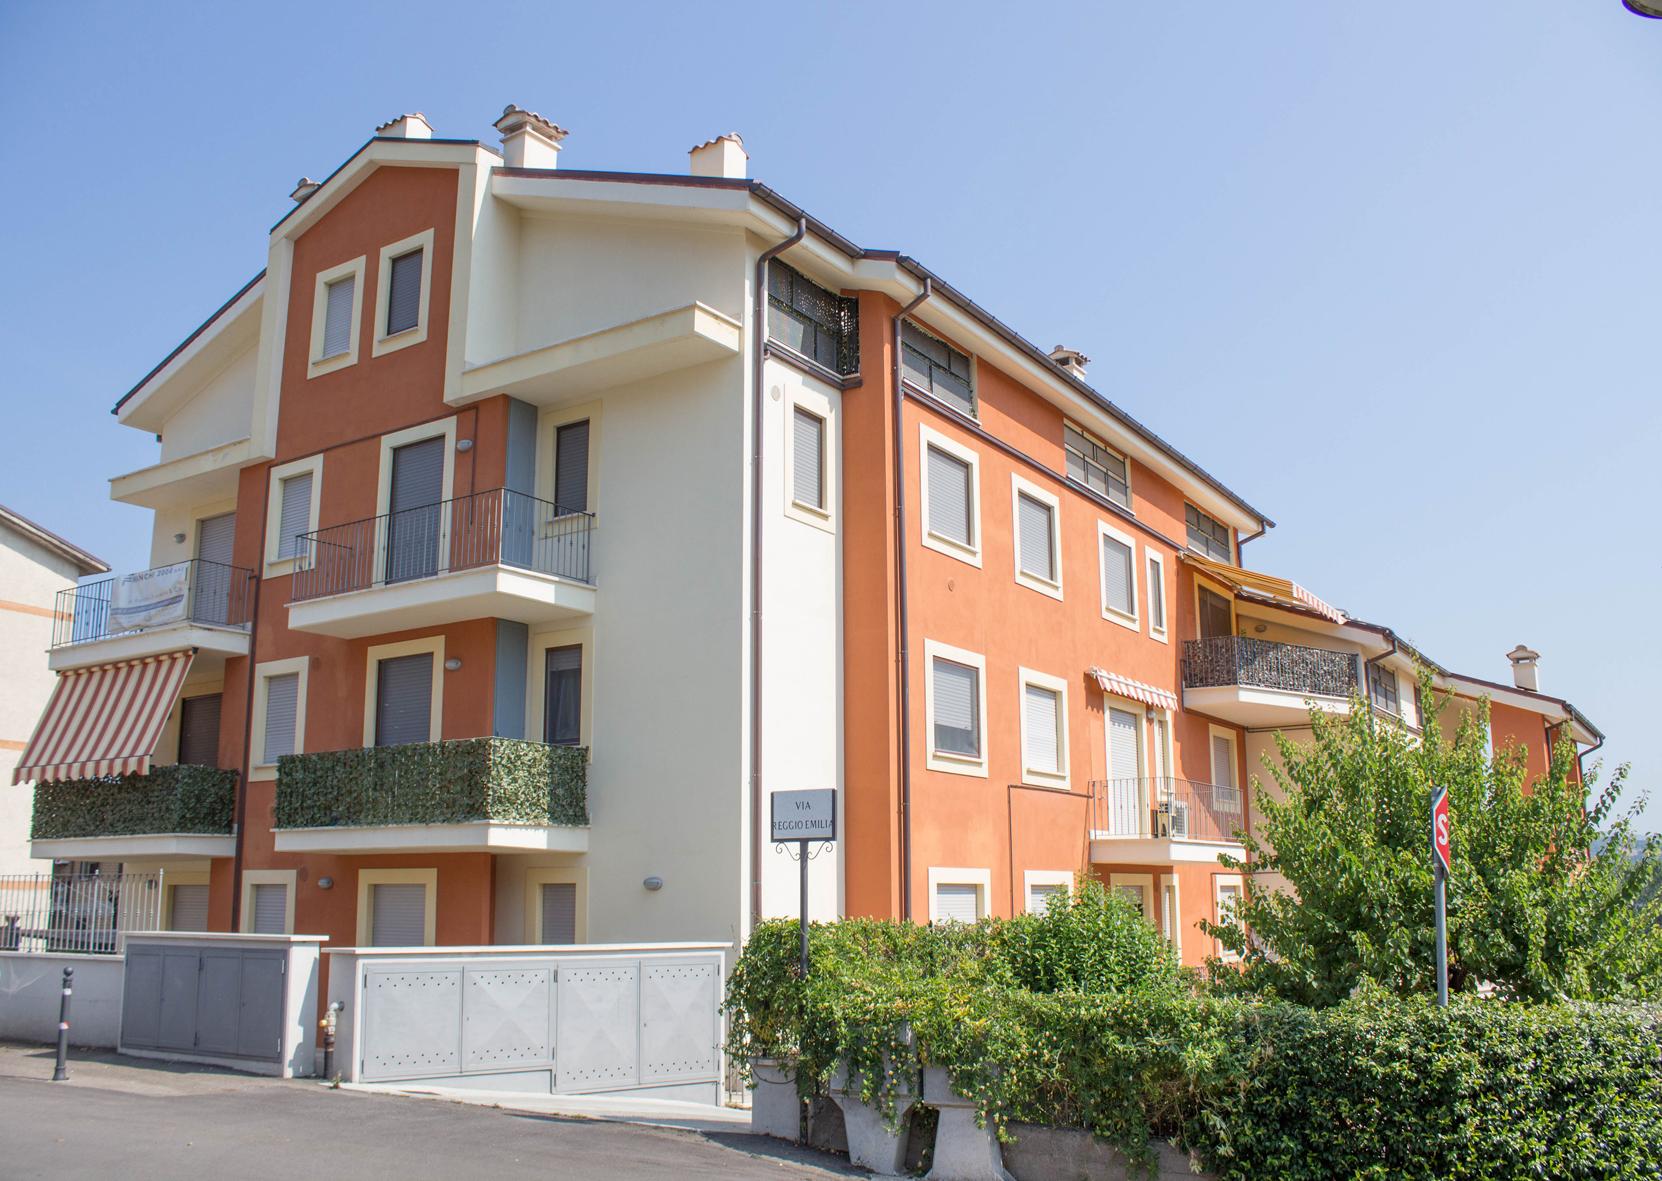 Appartamento in vendita a Orte, 2 locali, zona Località: OrteScalo, prezzo € 125.000 | Cambio Casa.it